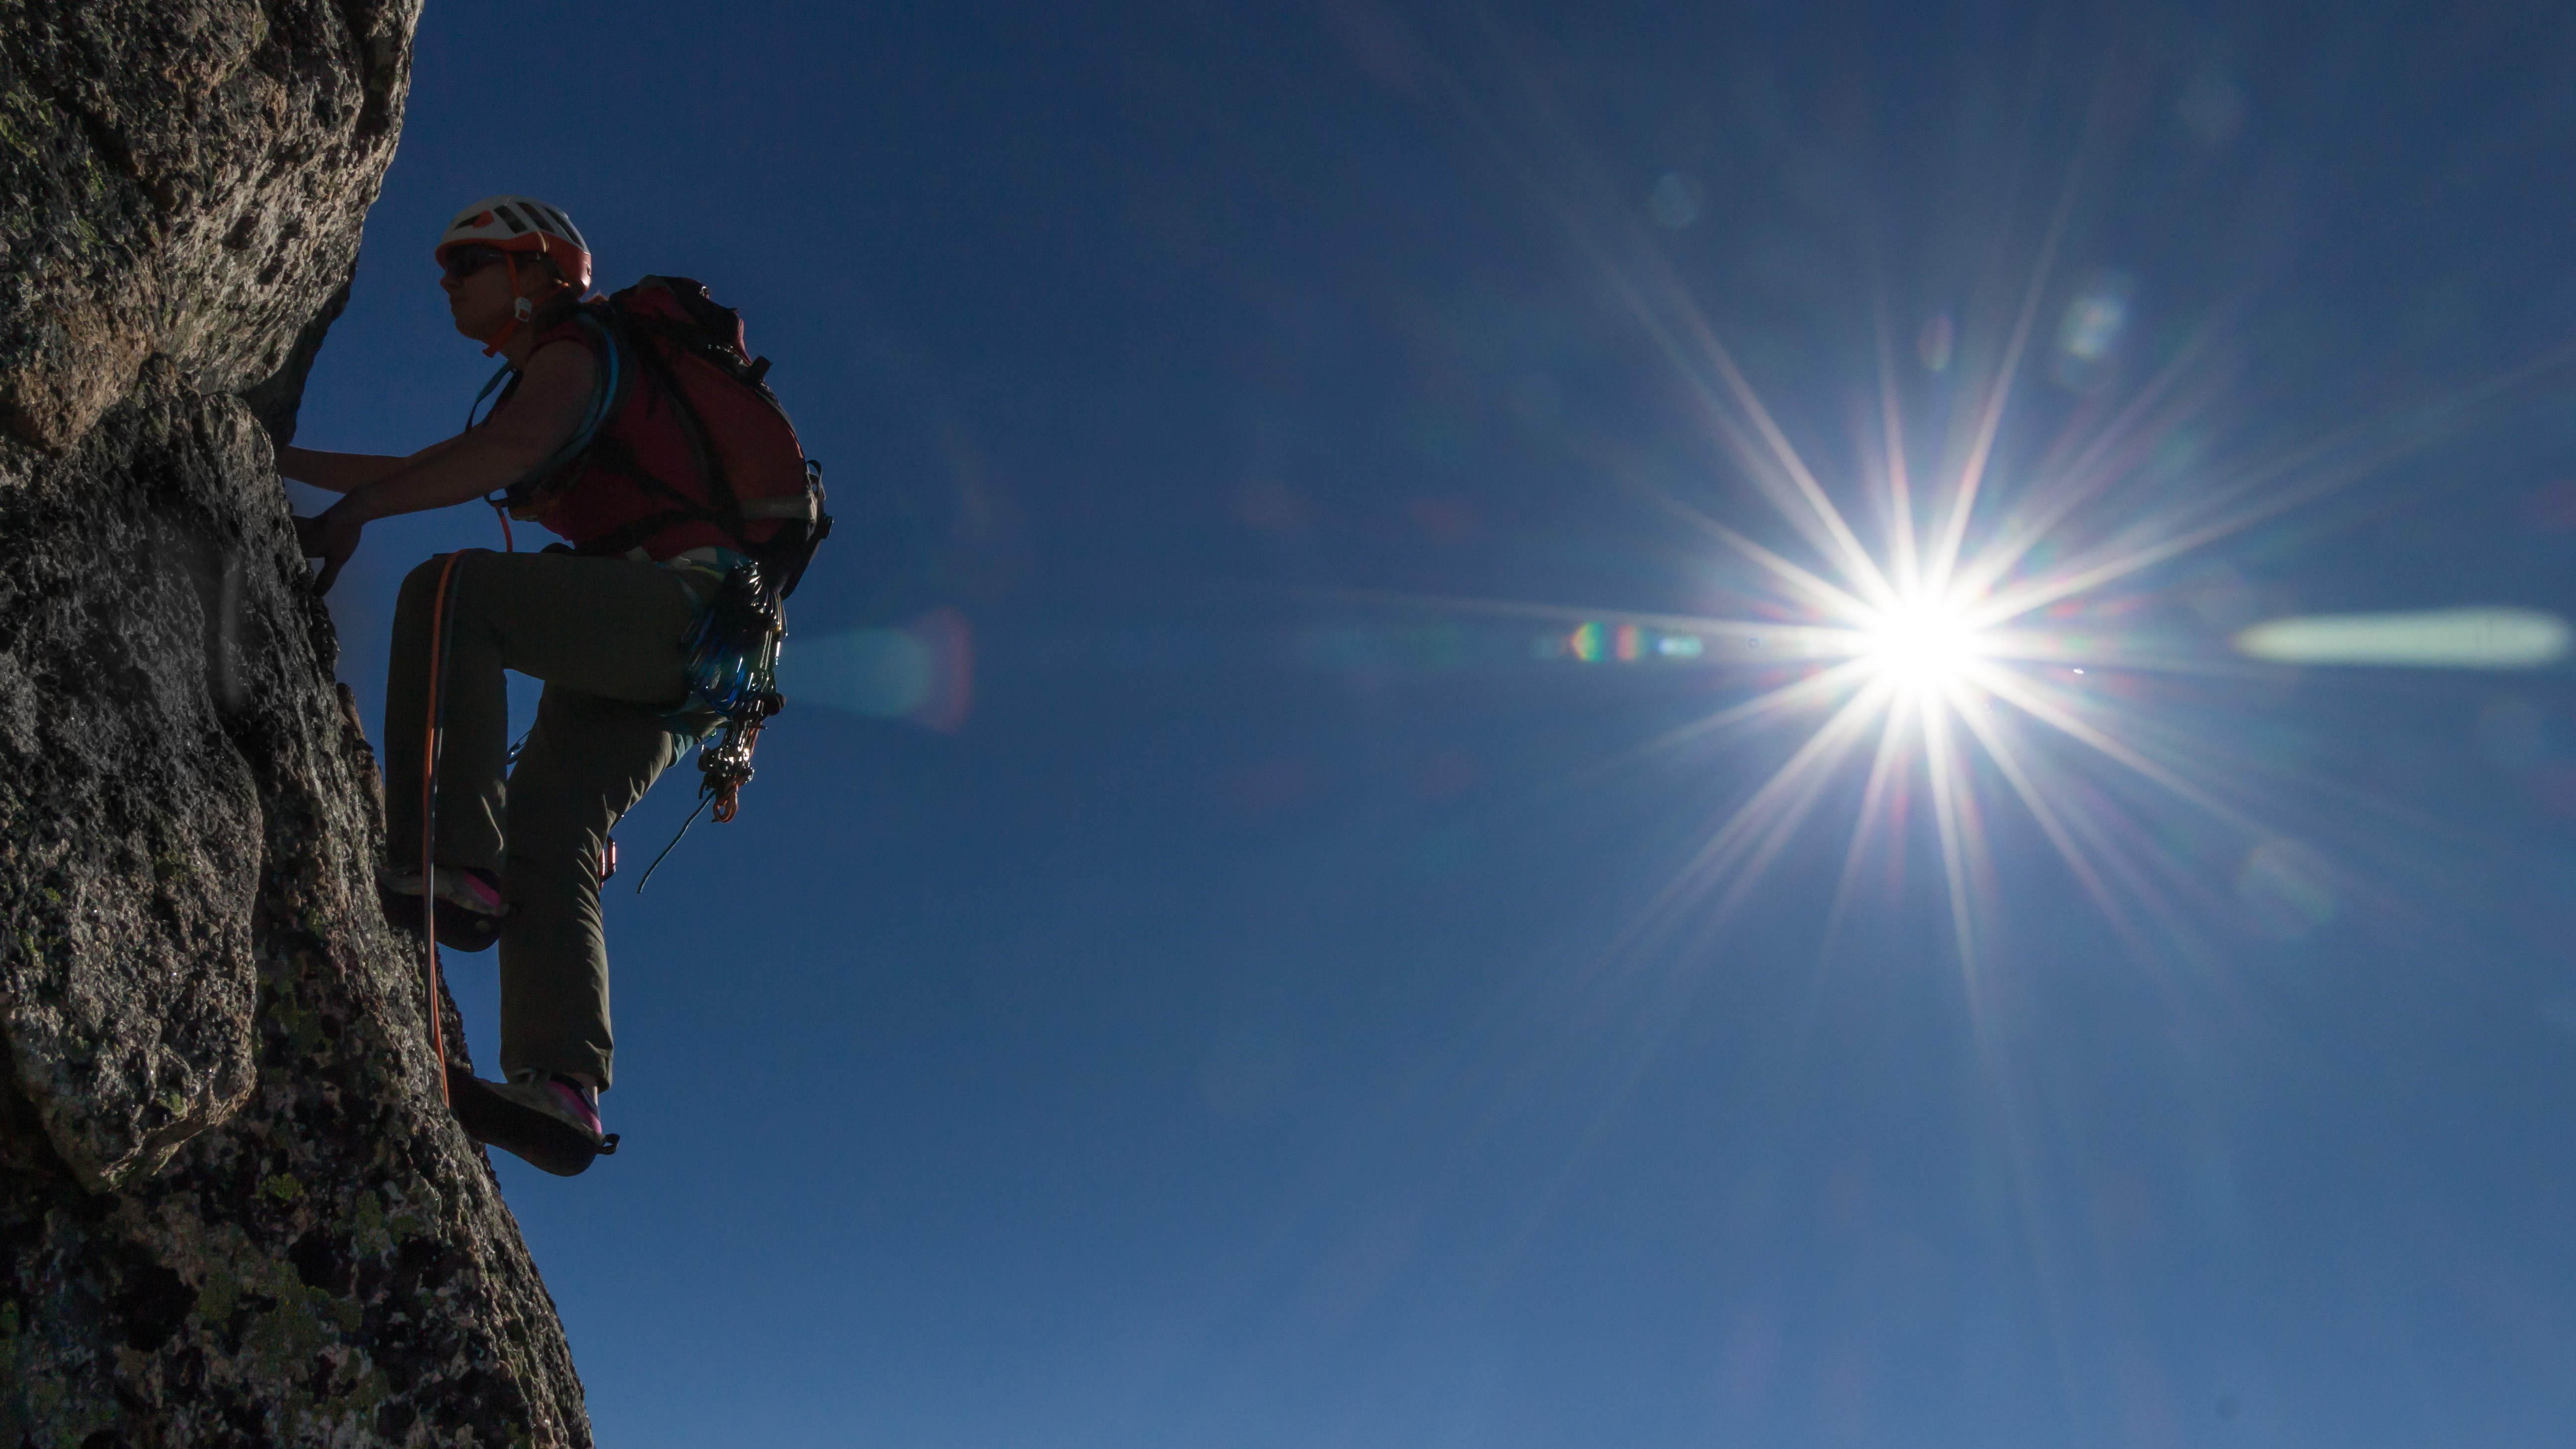 Im Flow: Momente wahrer Freude beim Klettern im schweizer Granit